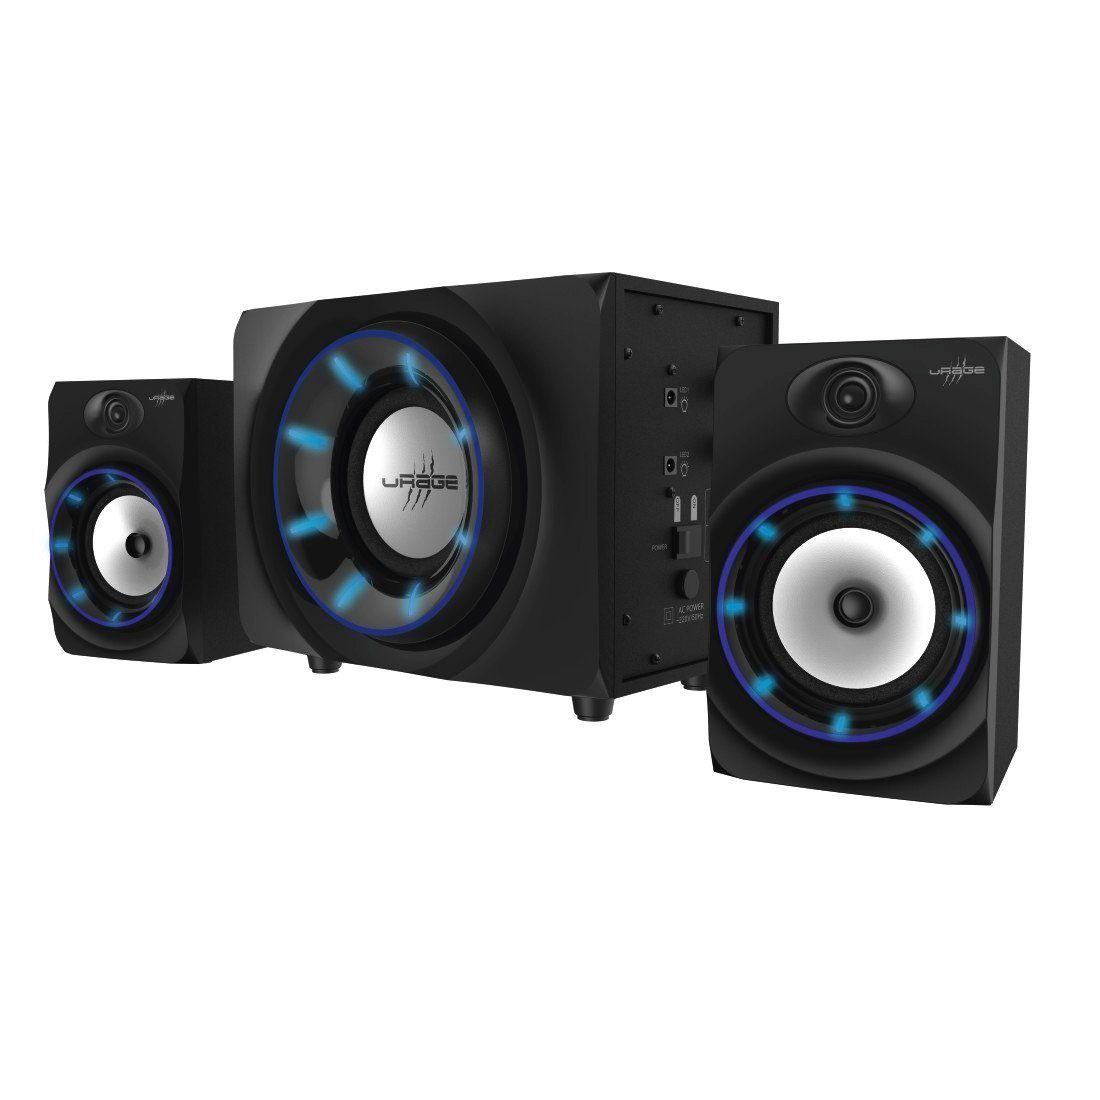 uRage 2.1 Bluetooth-Lautsprecher/Gaming-Soundsystem »uRage« »PC, 20W, SoundZ Essential, USB«